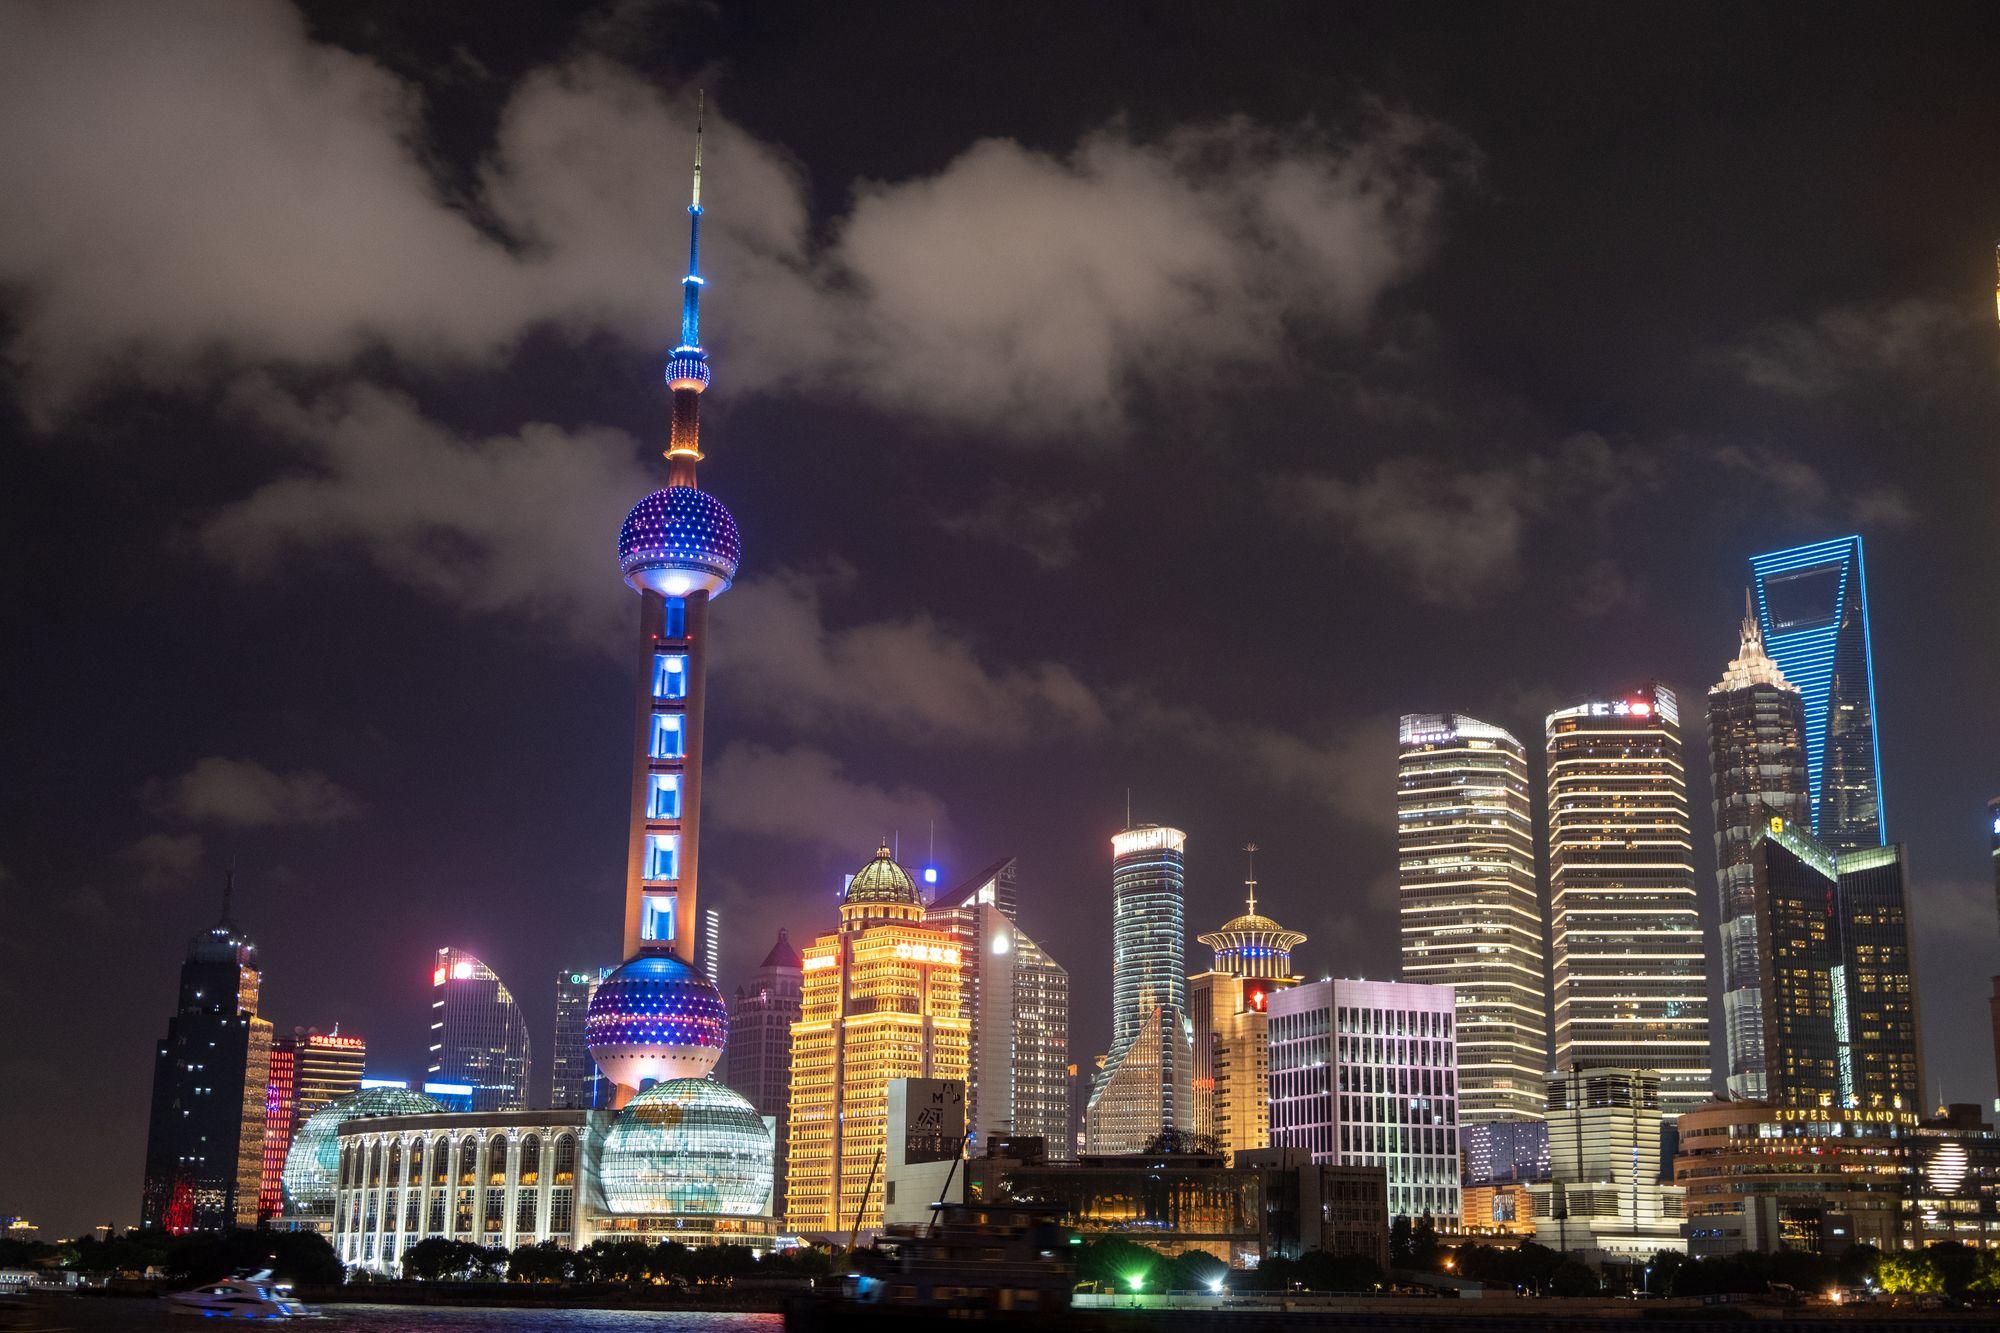 上海外滩东方明珠夜景照片  - 免费正版图片下载